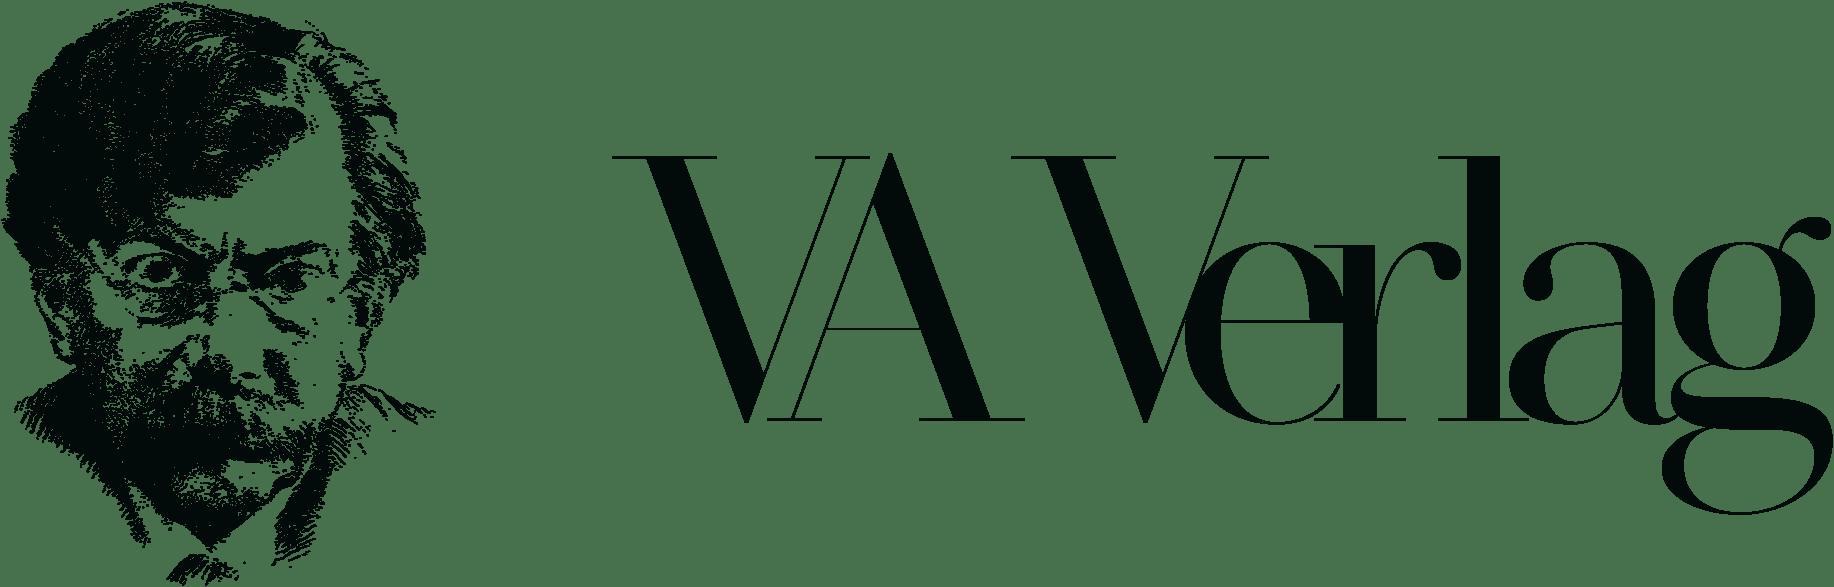 VA Verlag